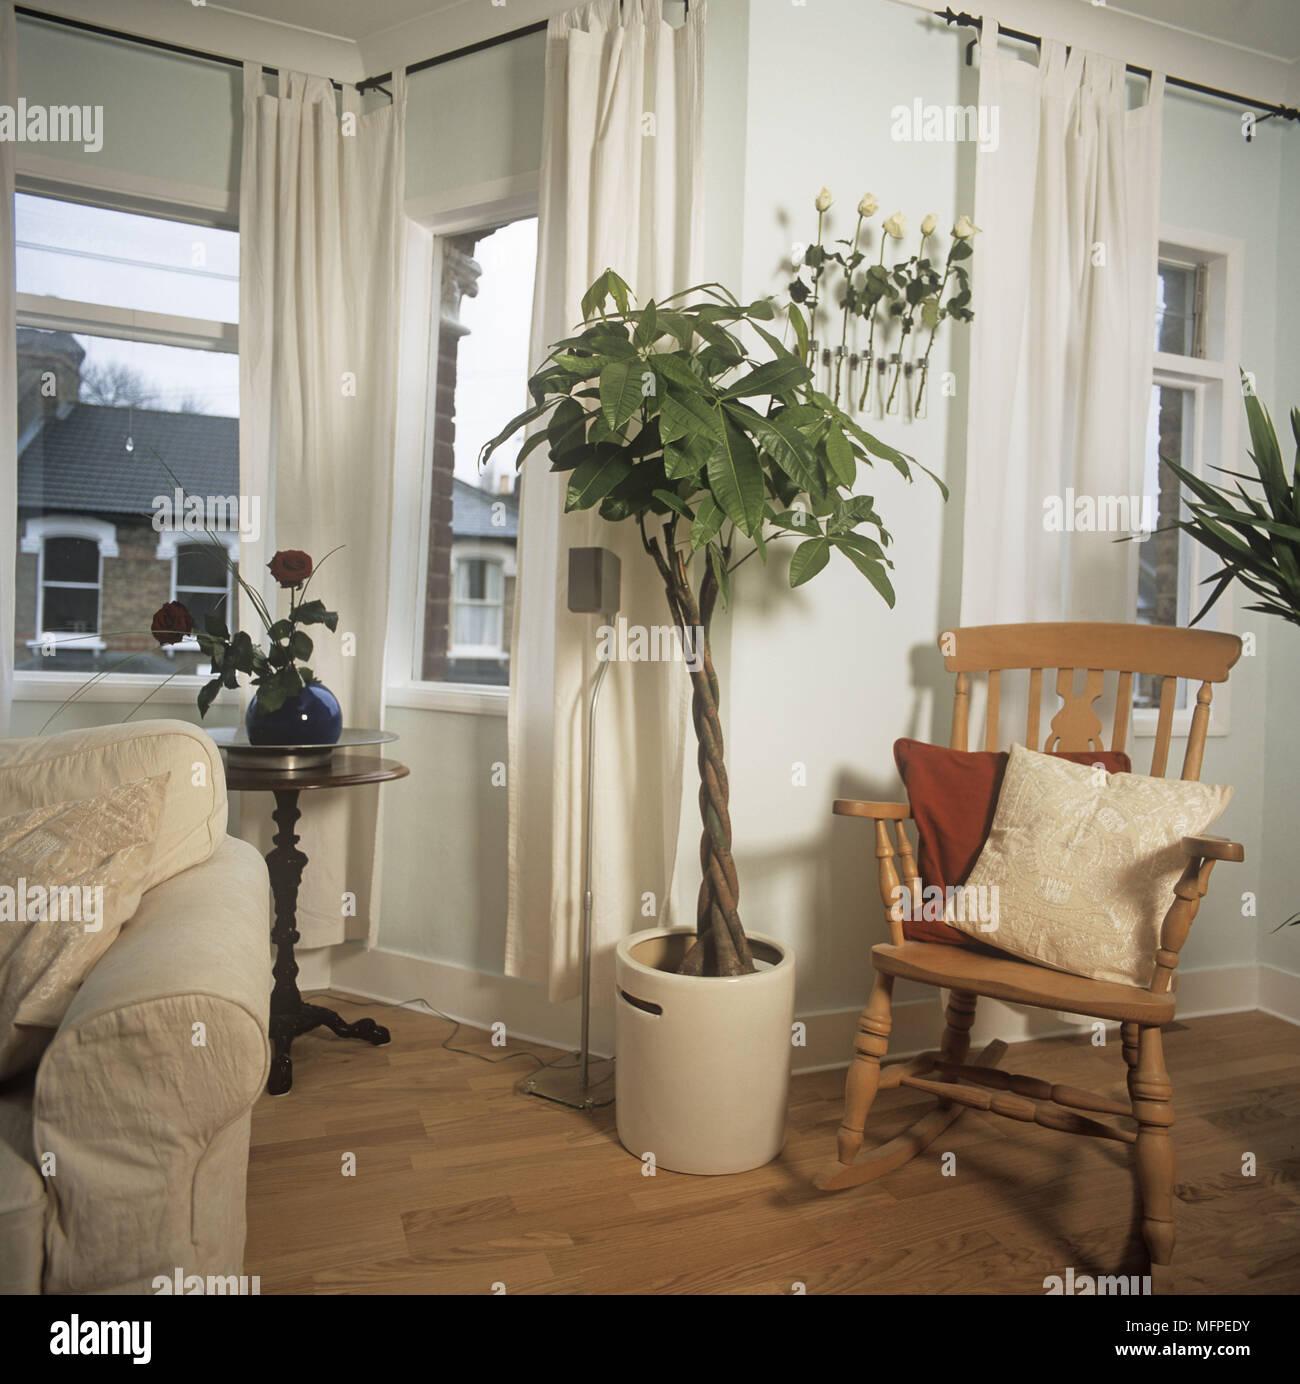 Detail der Schaukelstuhl und kleiner Baum in einem modernen ...